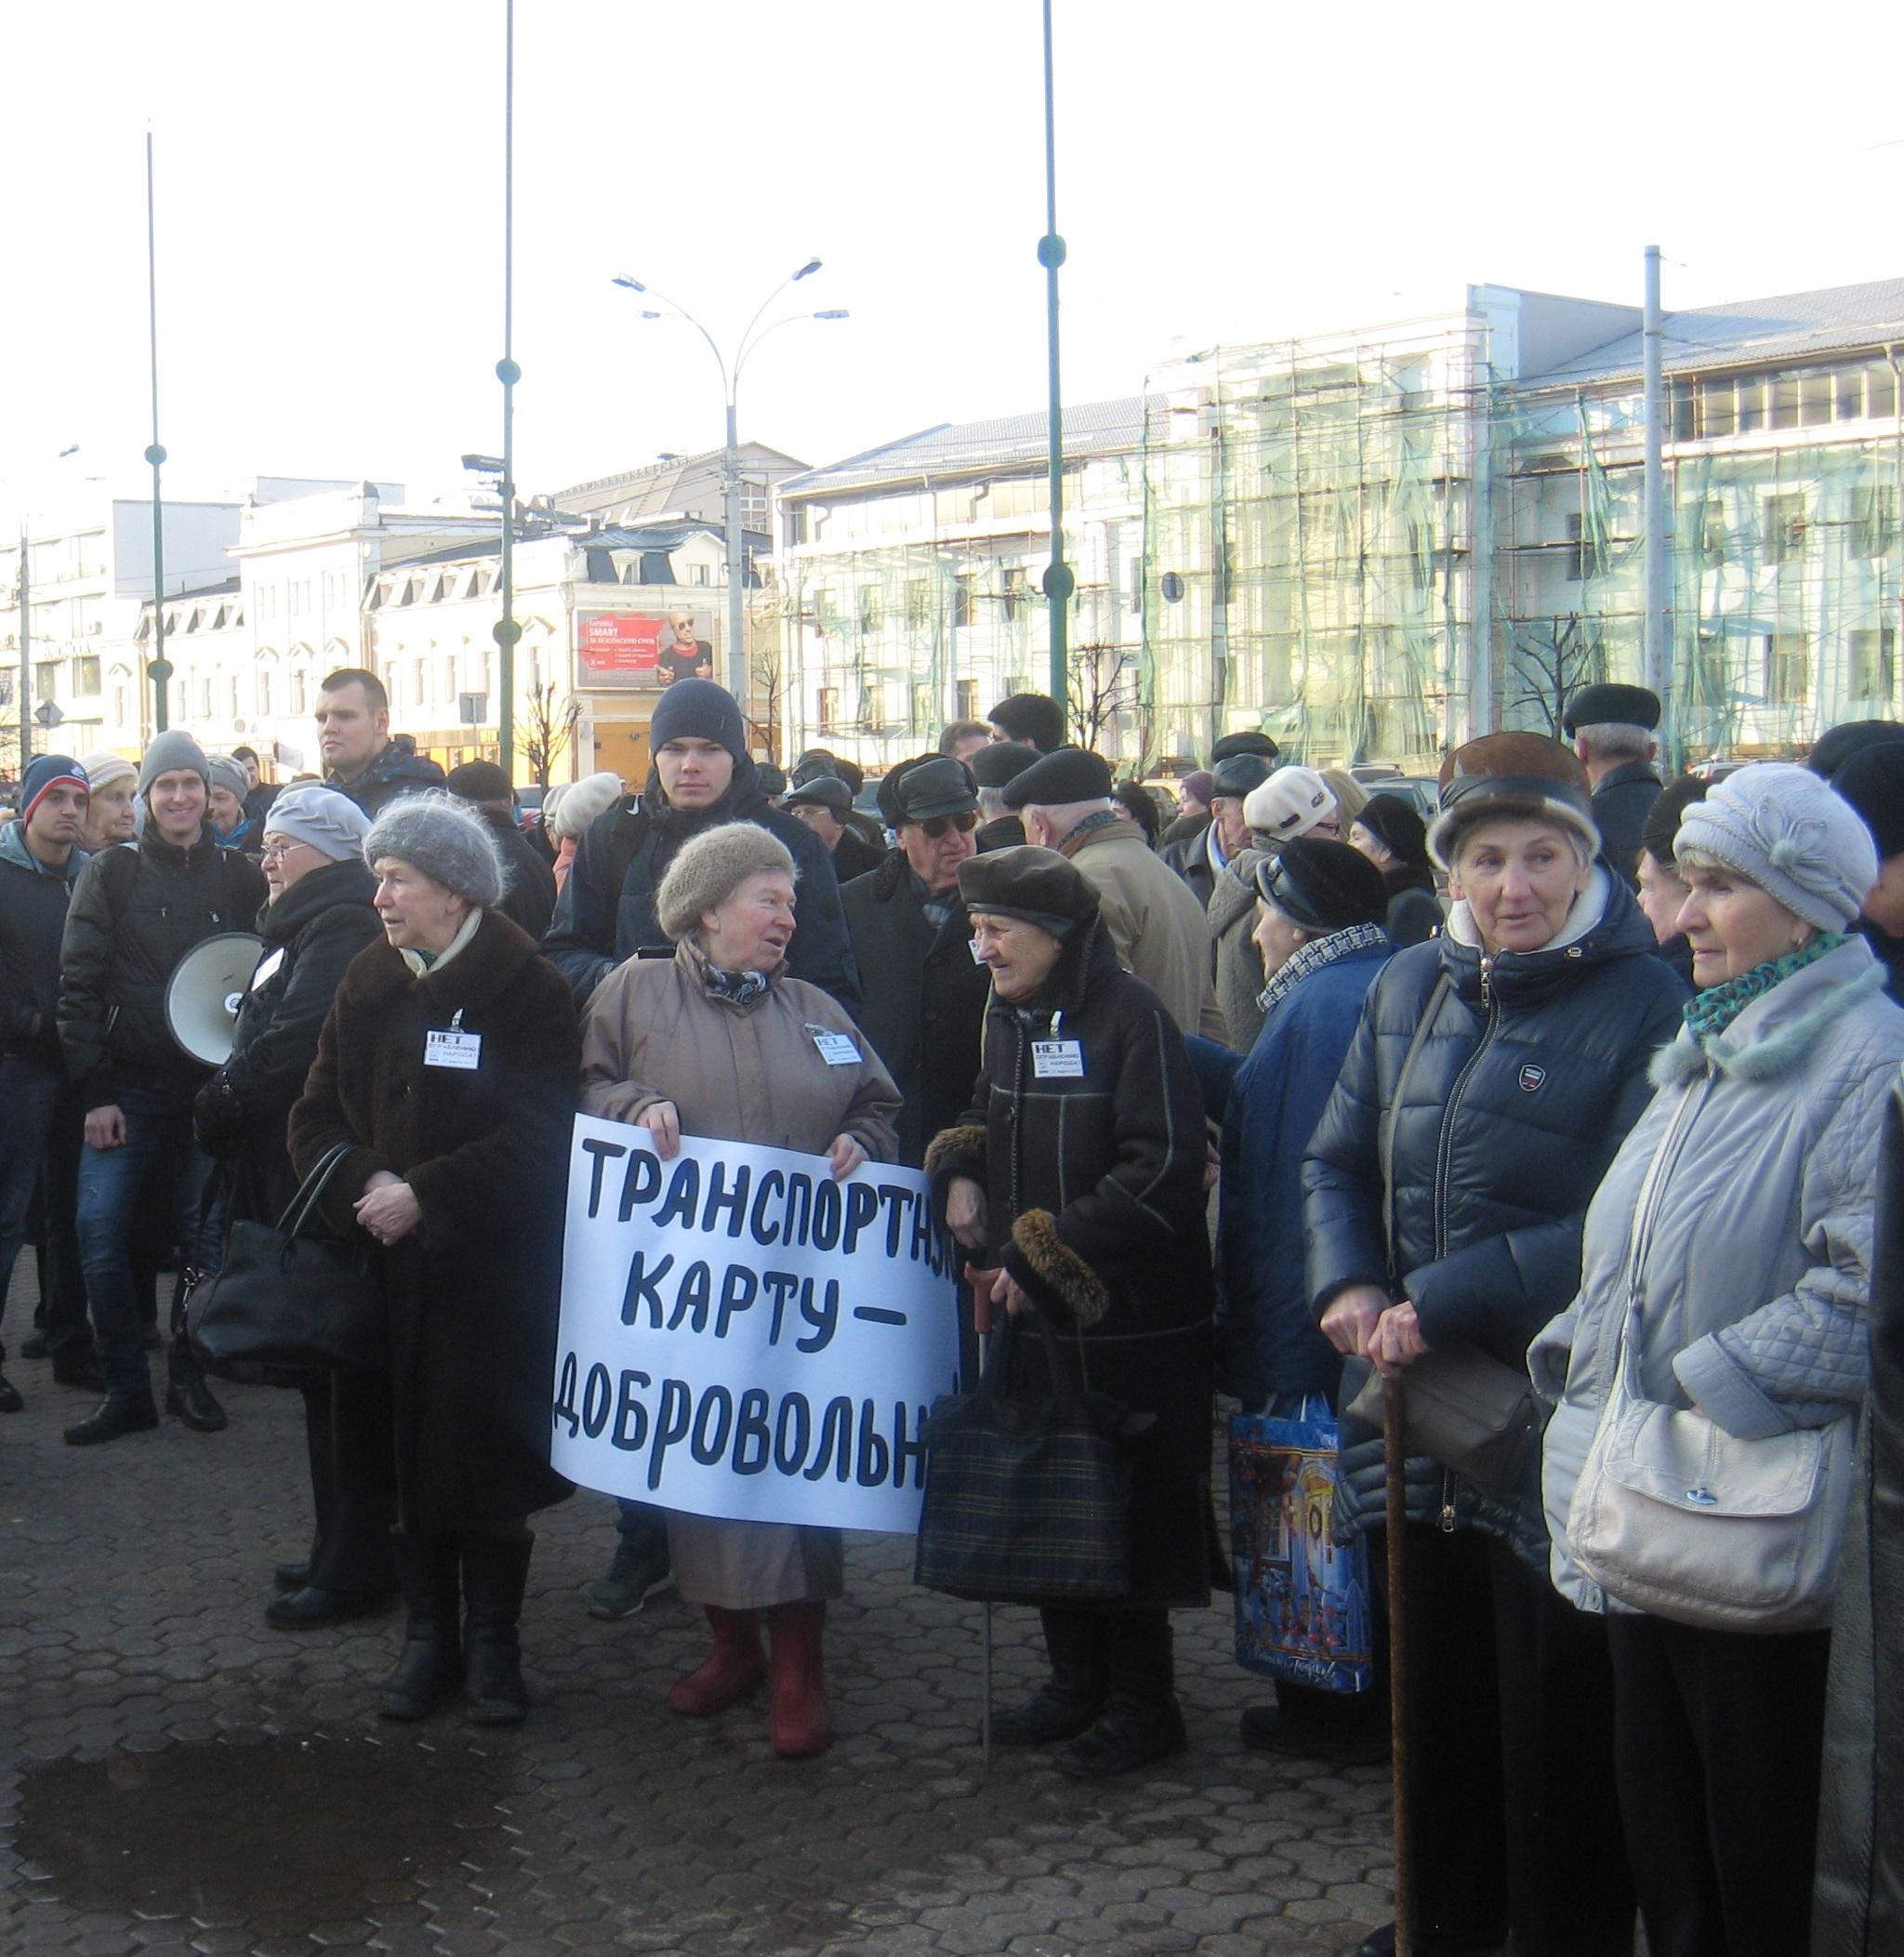 За несогласование митингов чиновников предлагают наказывать